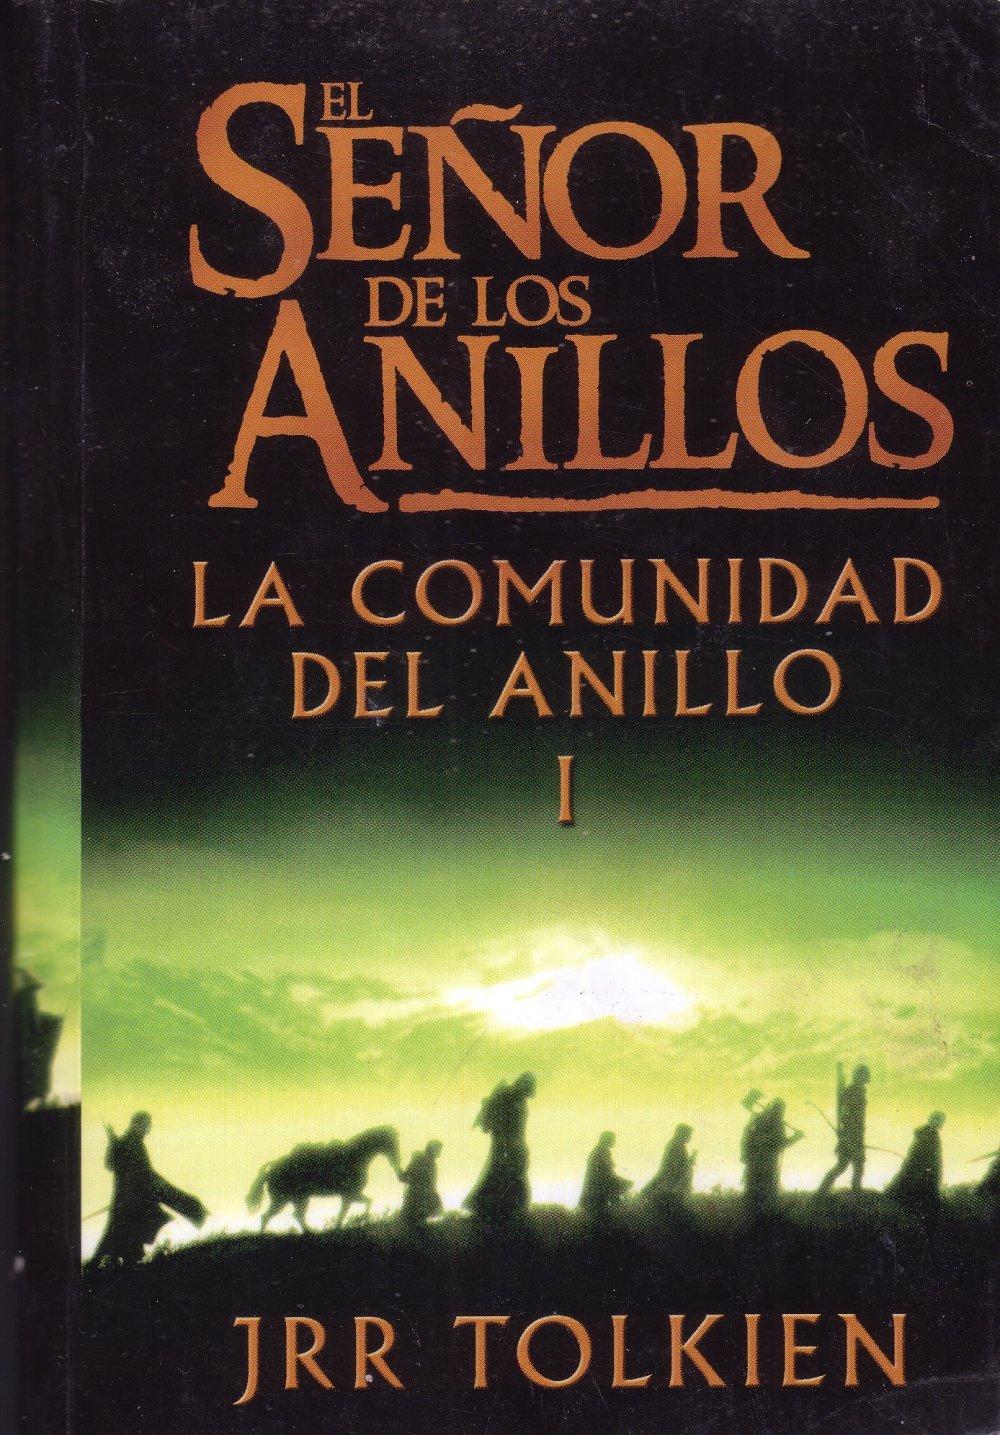 El Senor De Los Anillos: La Comunidad Del Anillo I (Spanish Edition): J. R.  R. Tolkien: 9789706906519: Amazon.com: Books